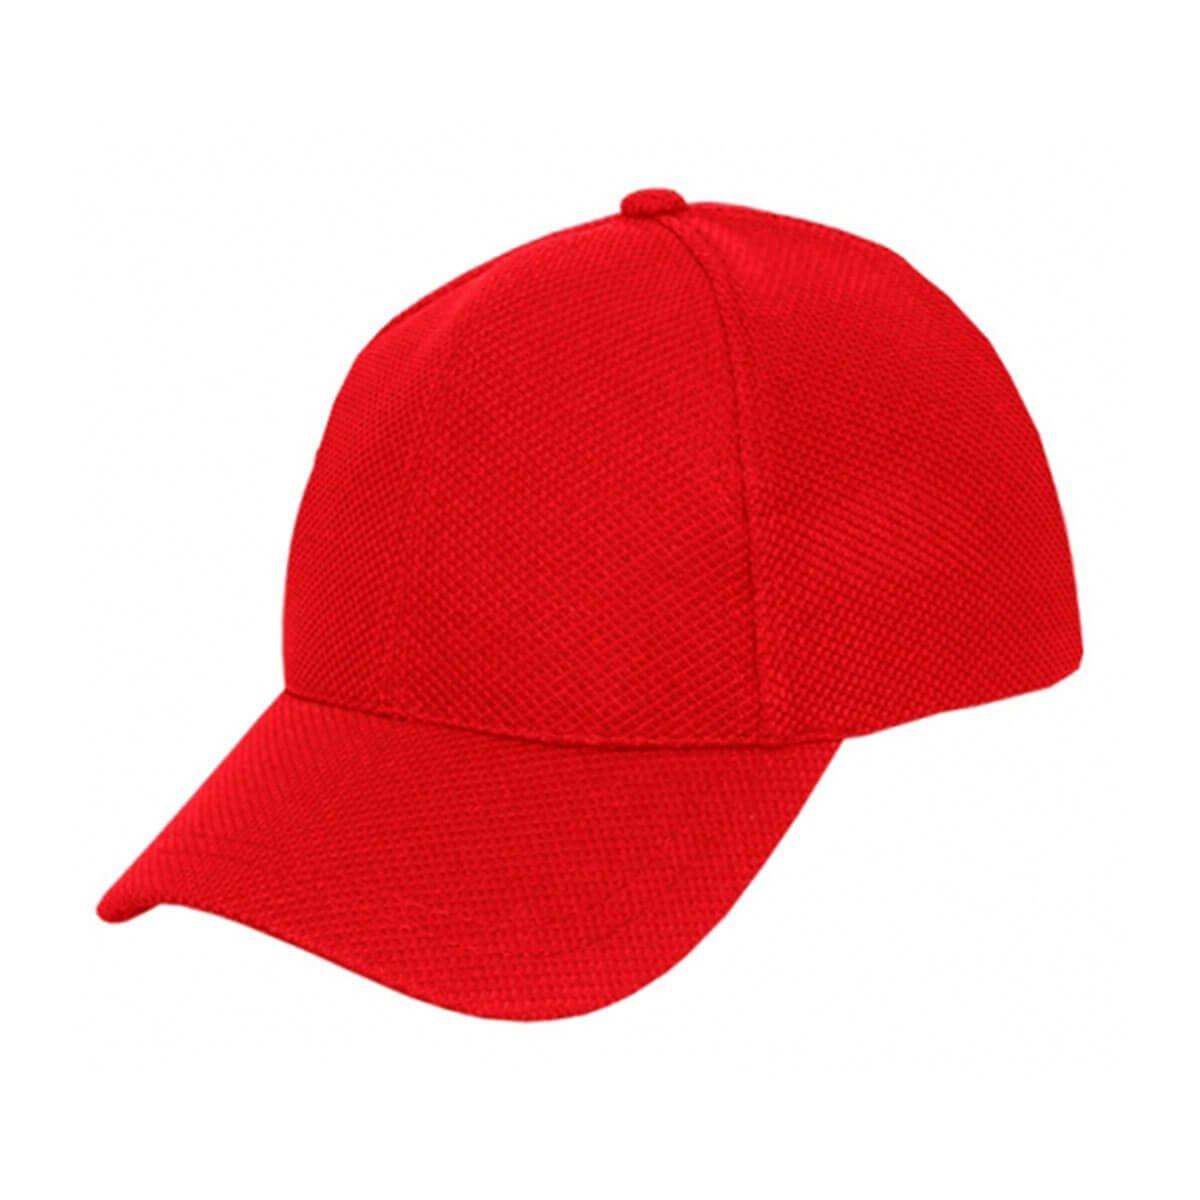 PQ Mesh Plain Sandwich Design Cap-Red